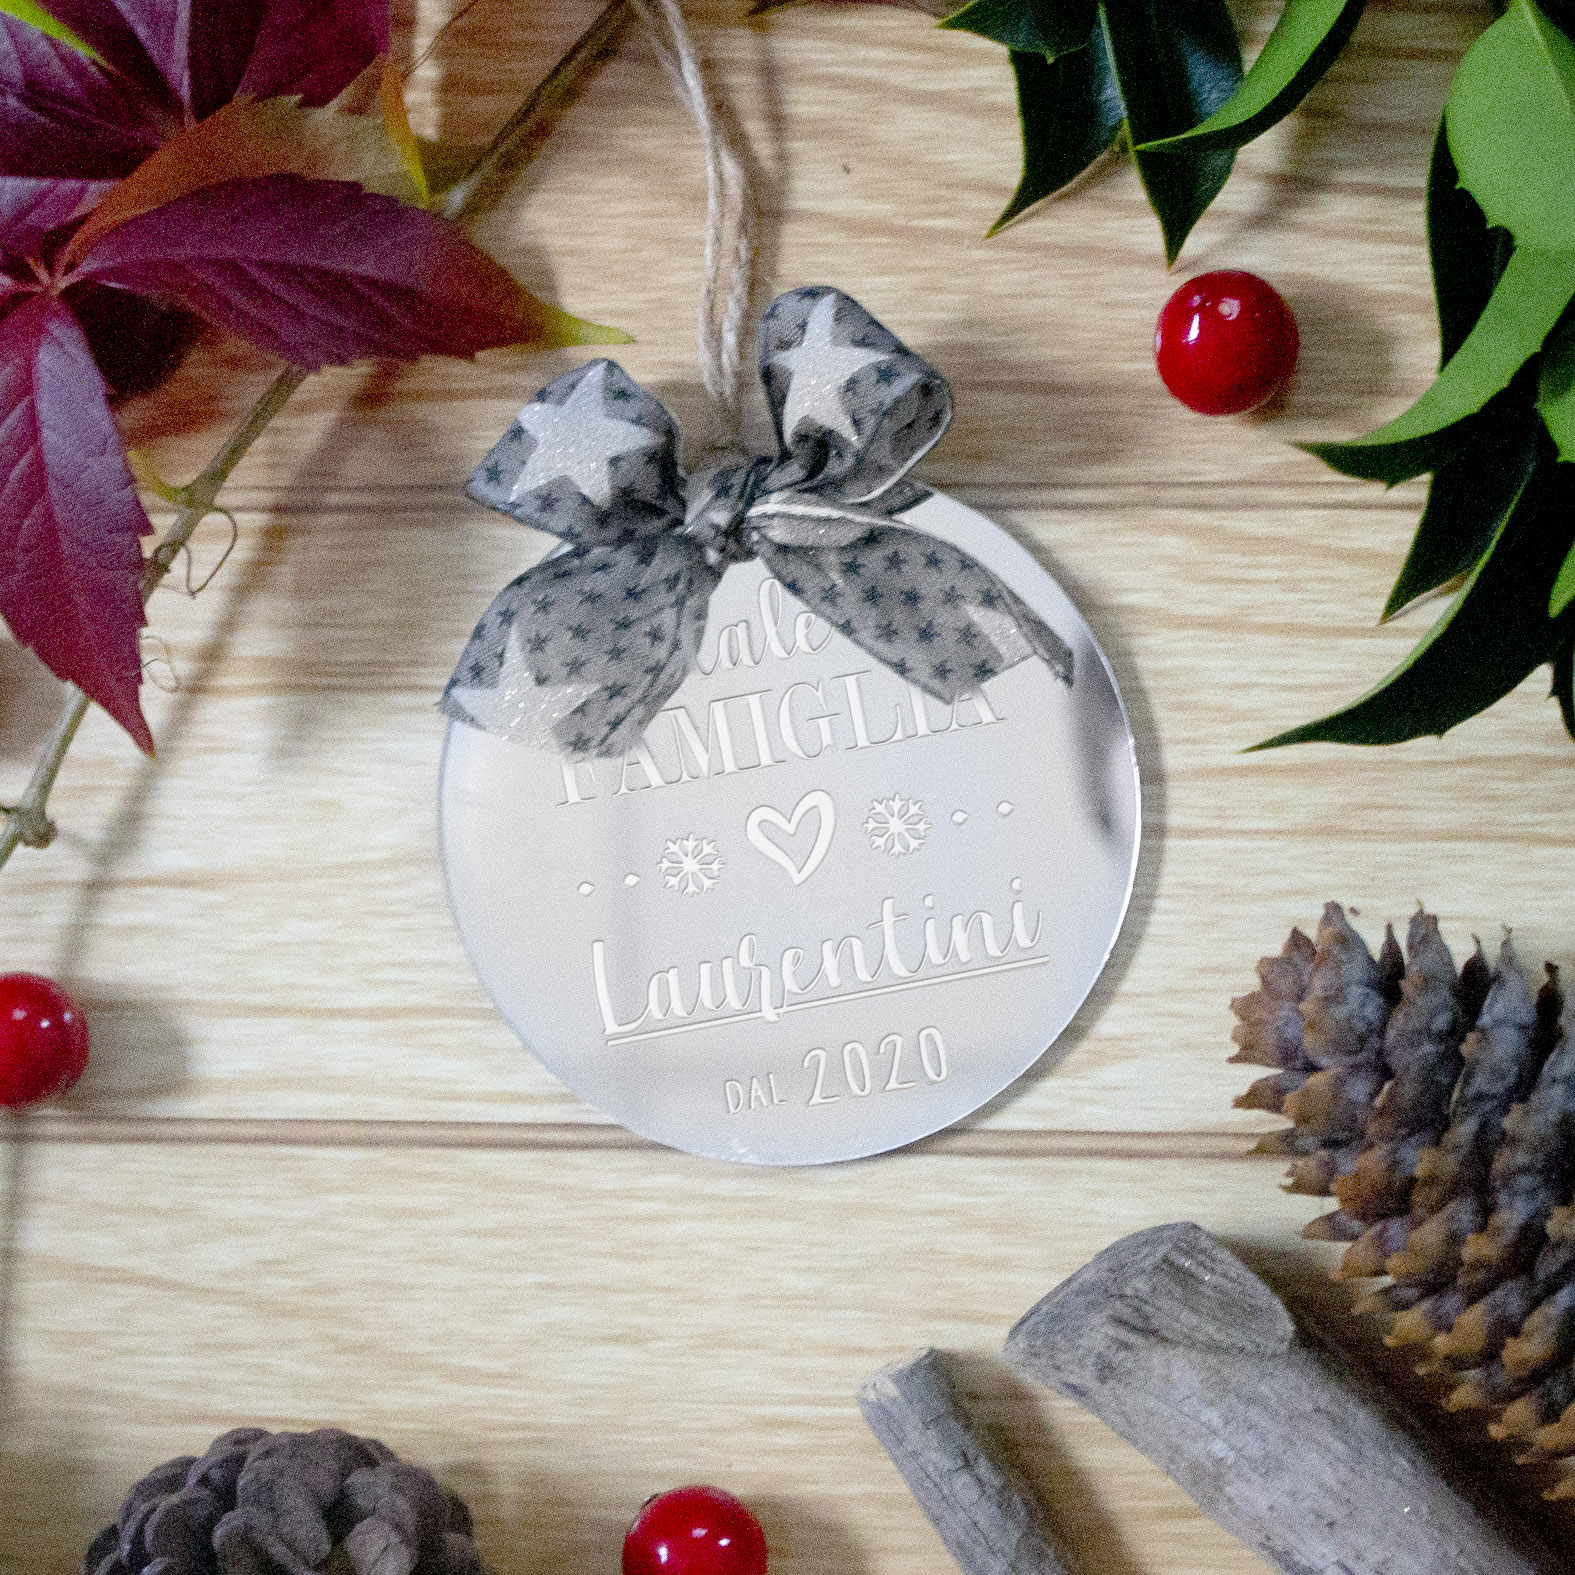 Decorazioni Natalizie Con Foto.Decorazione Per Albero Di Natale Natale In Famiglia B Paper